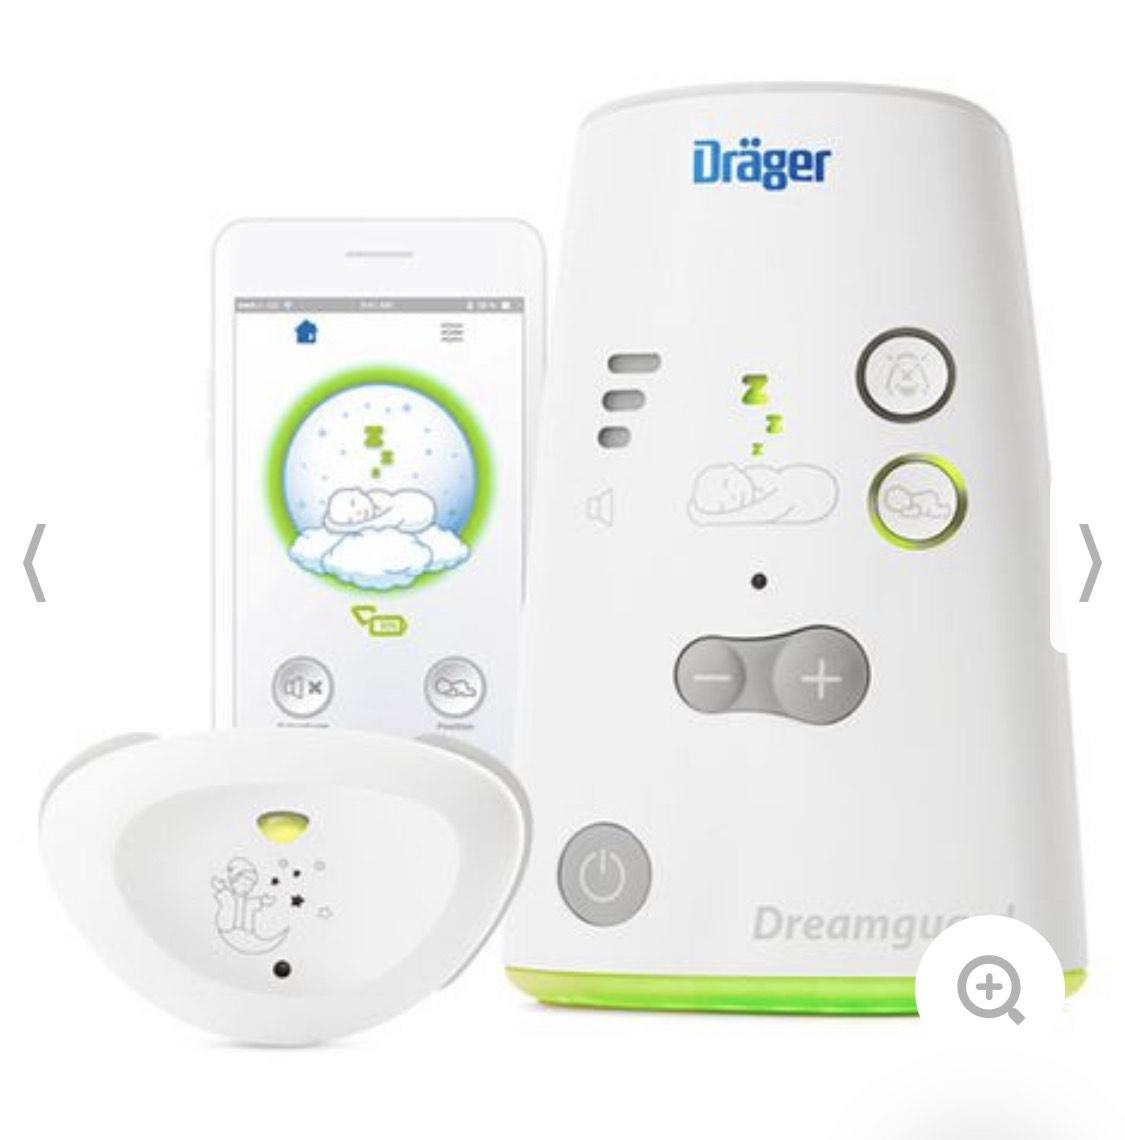 Dräger Dreamguard 3-in-1 Babymonitor mit Atemüberwachung